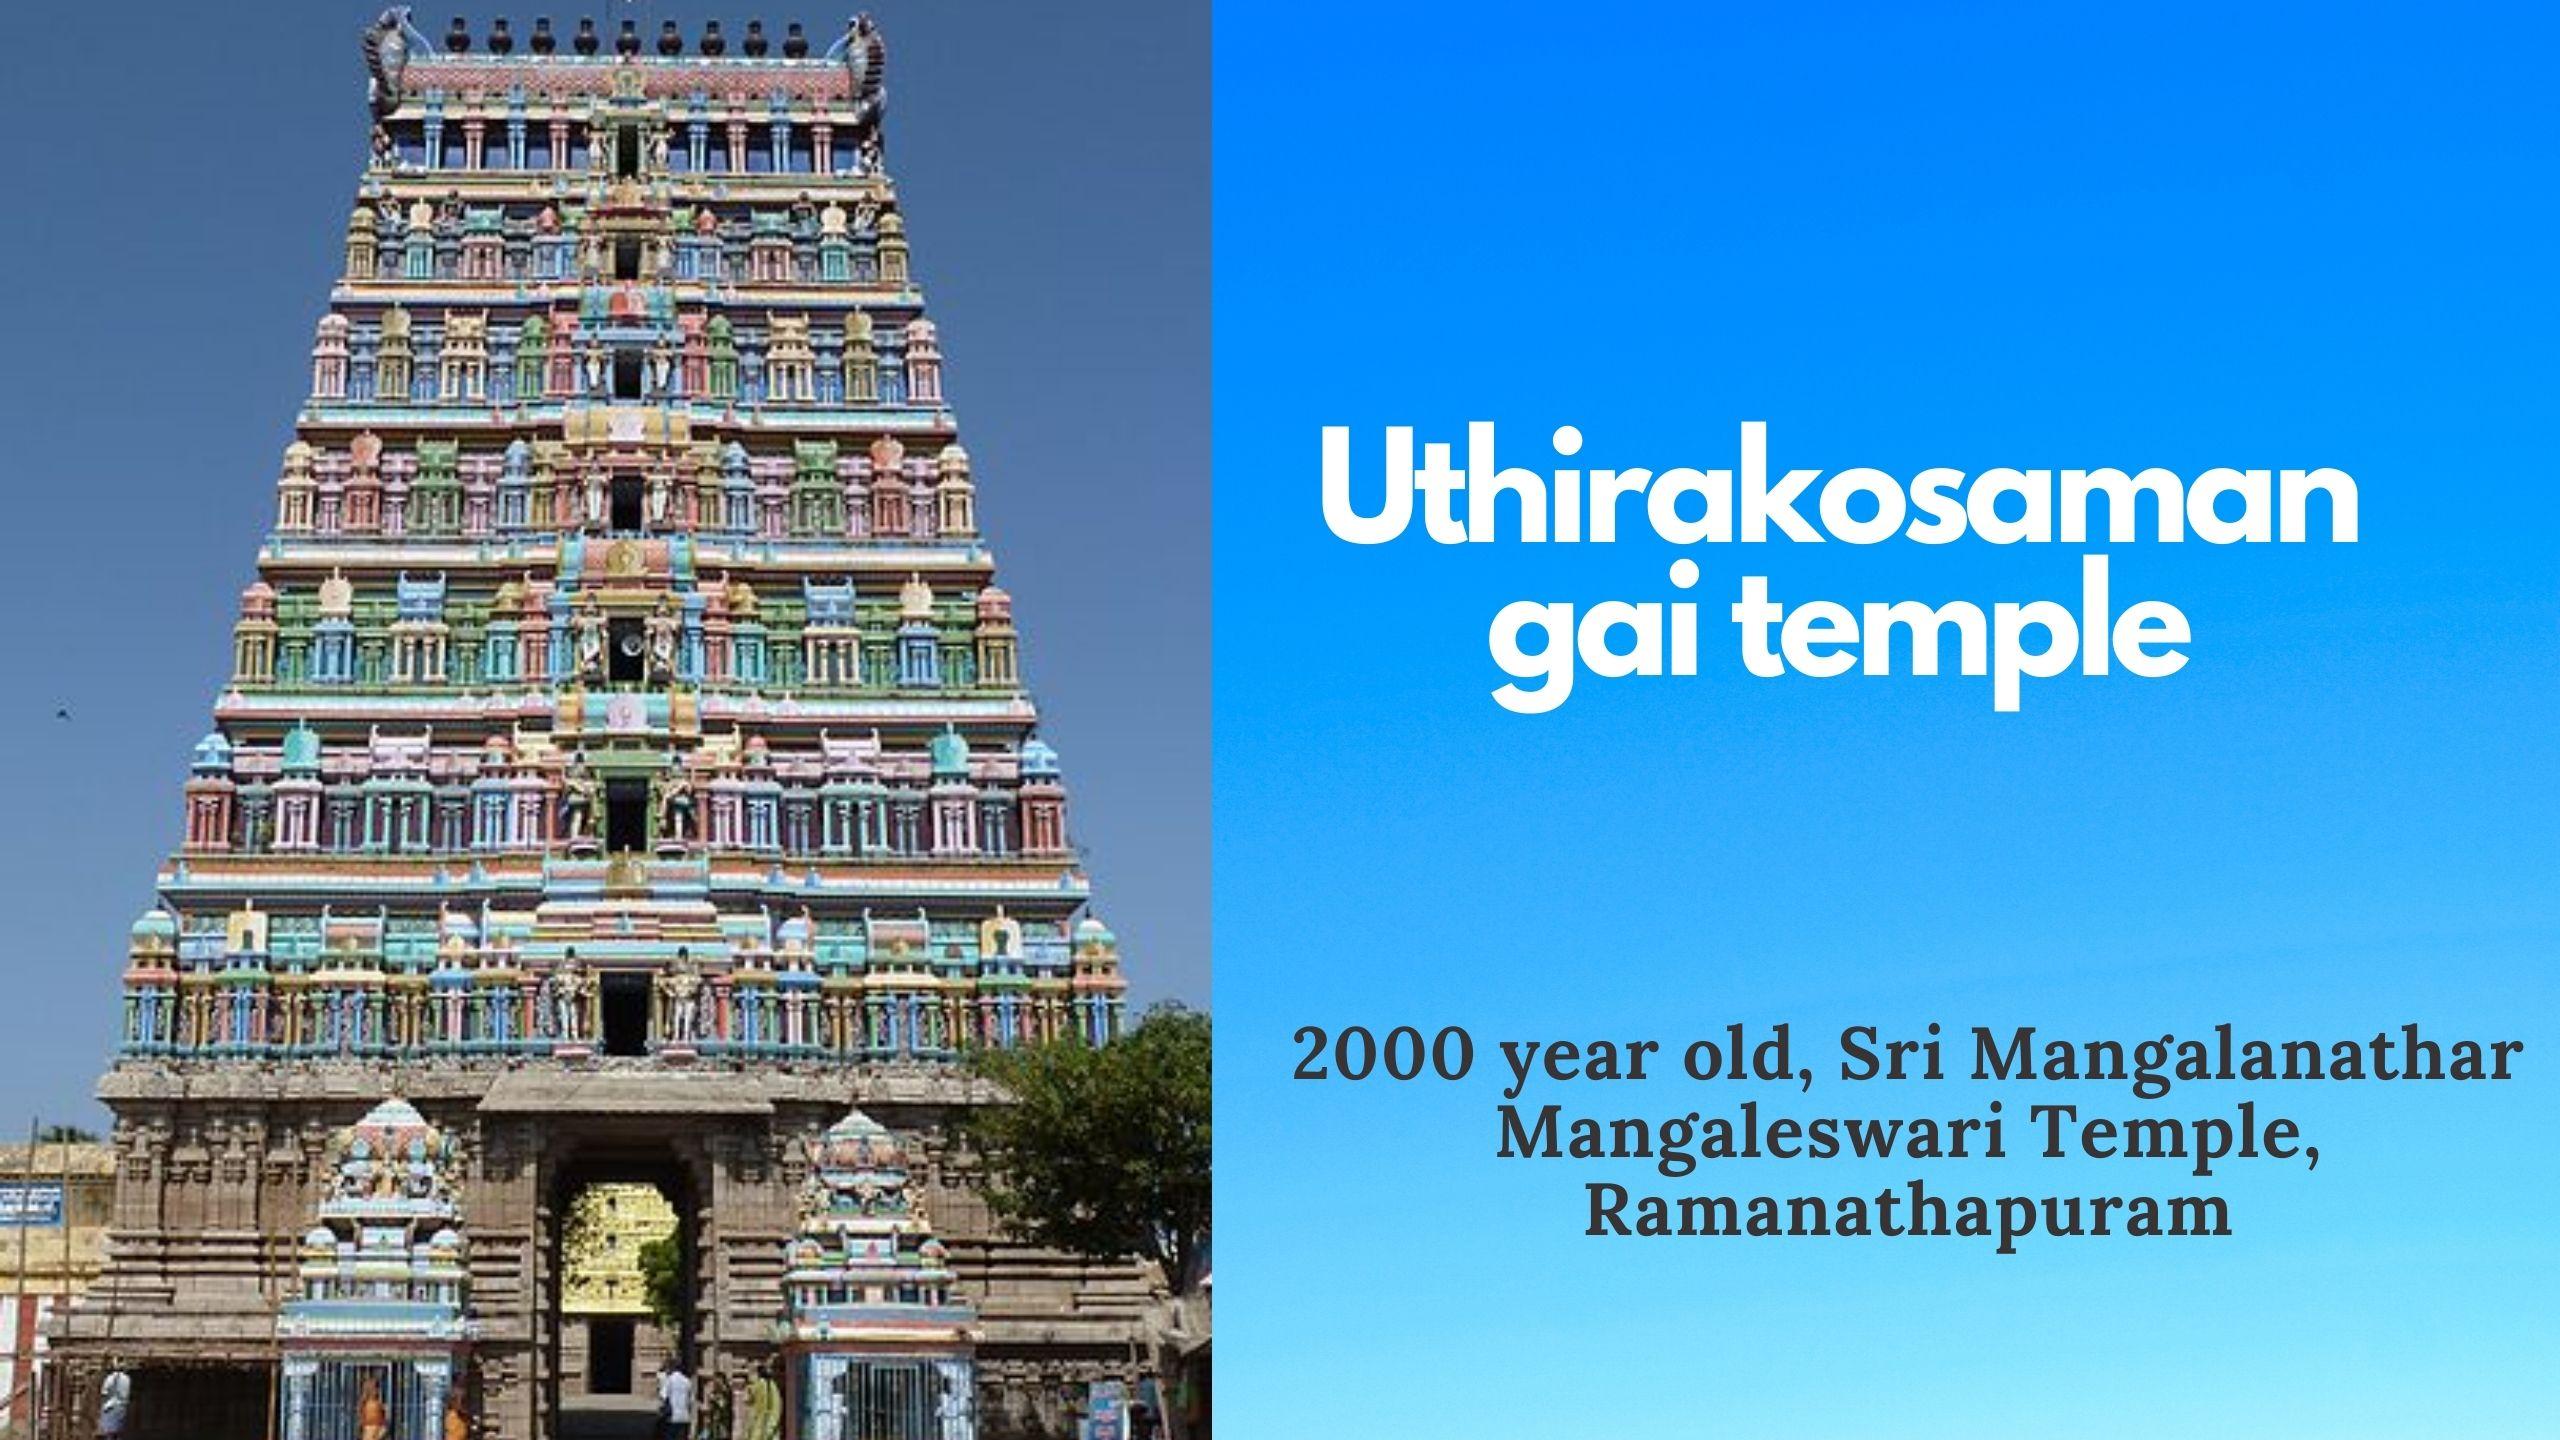 Uthirakosamangai temple Ramanathapuram